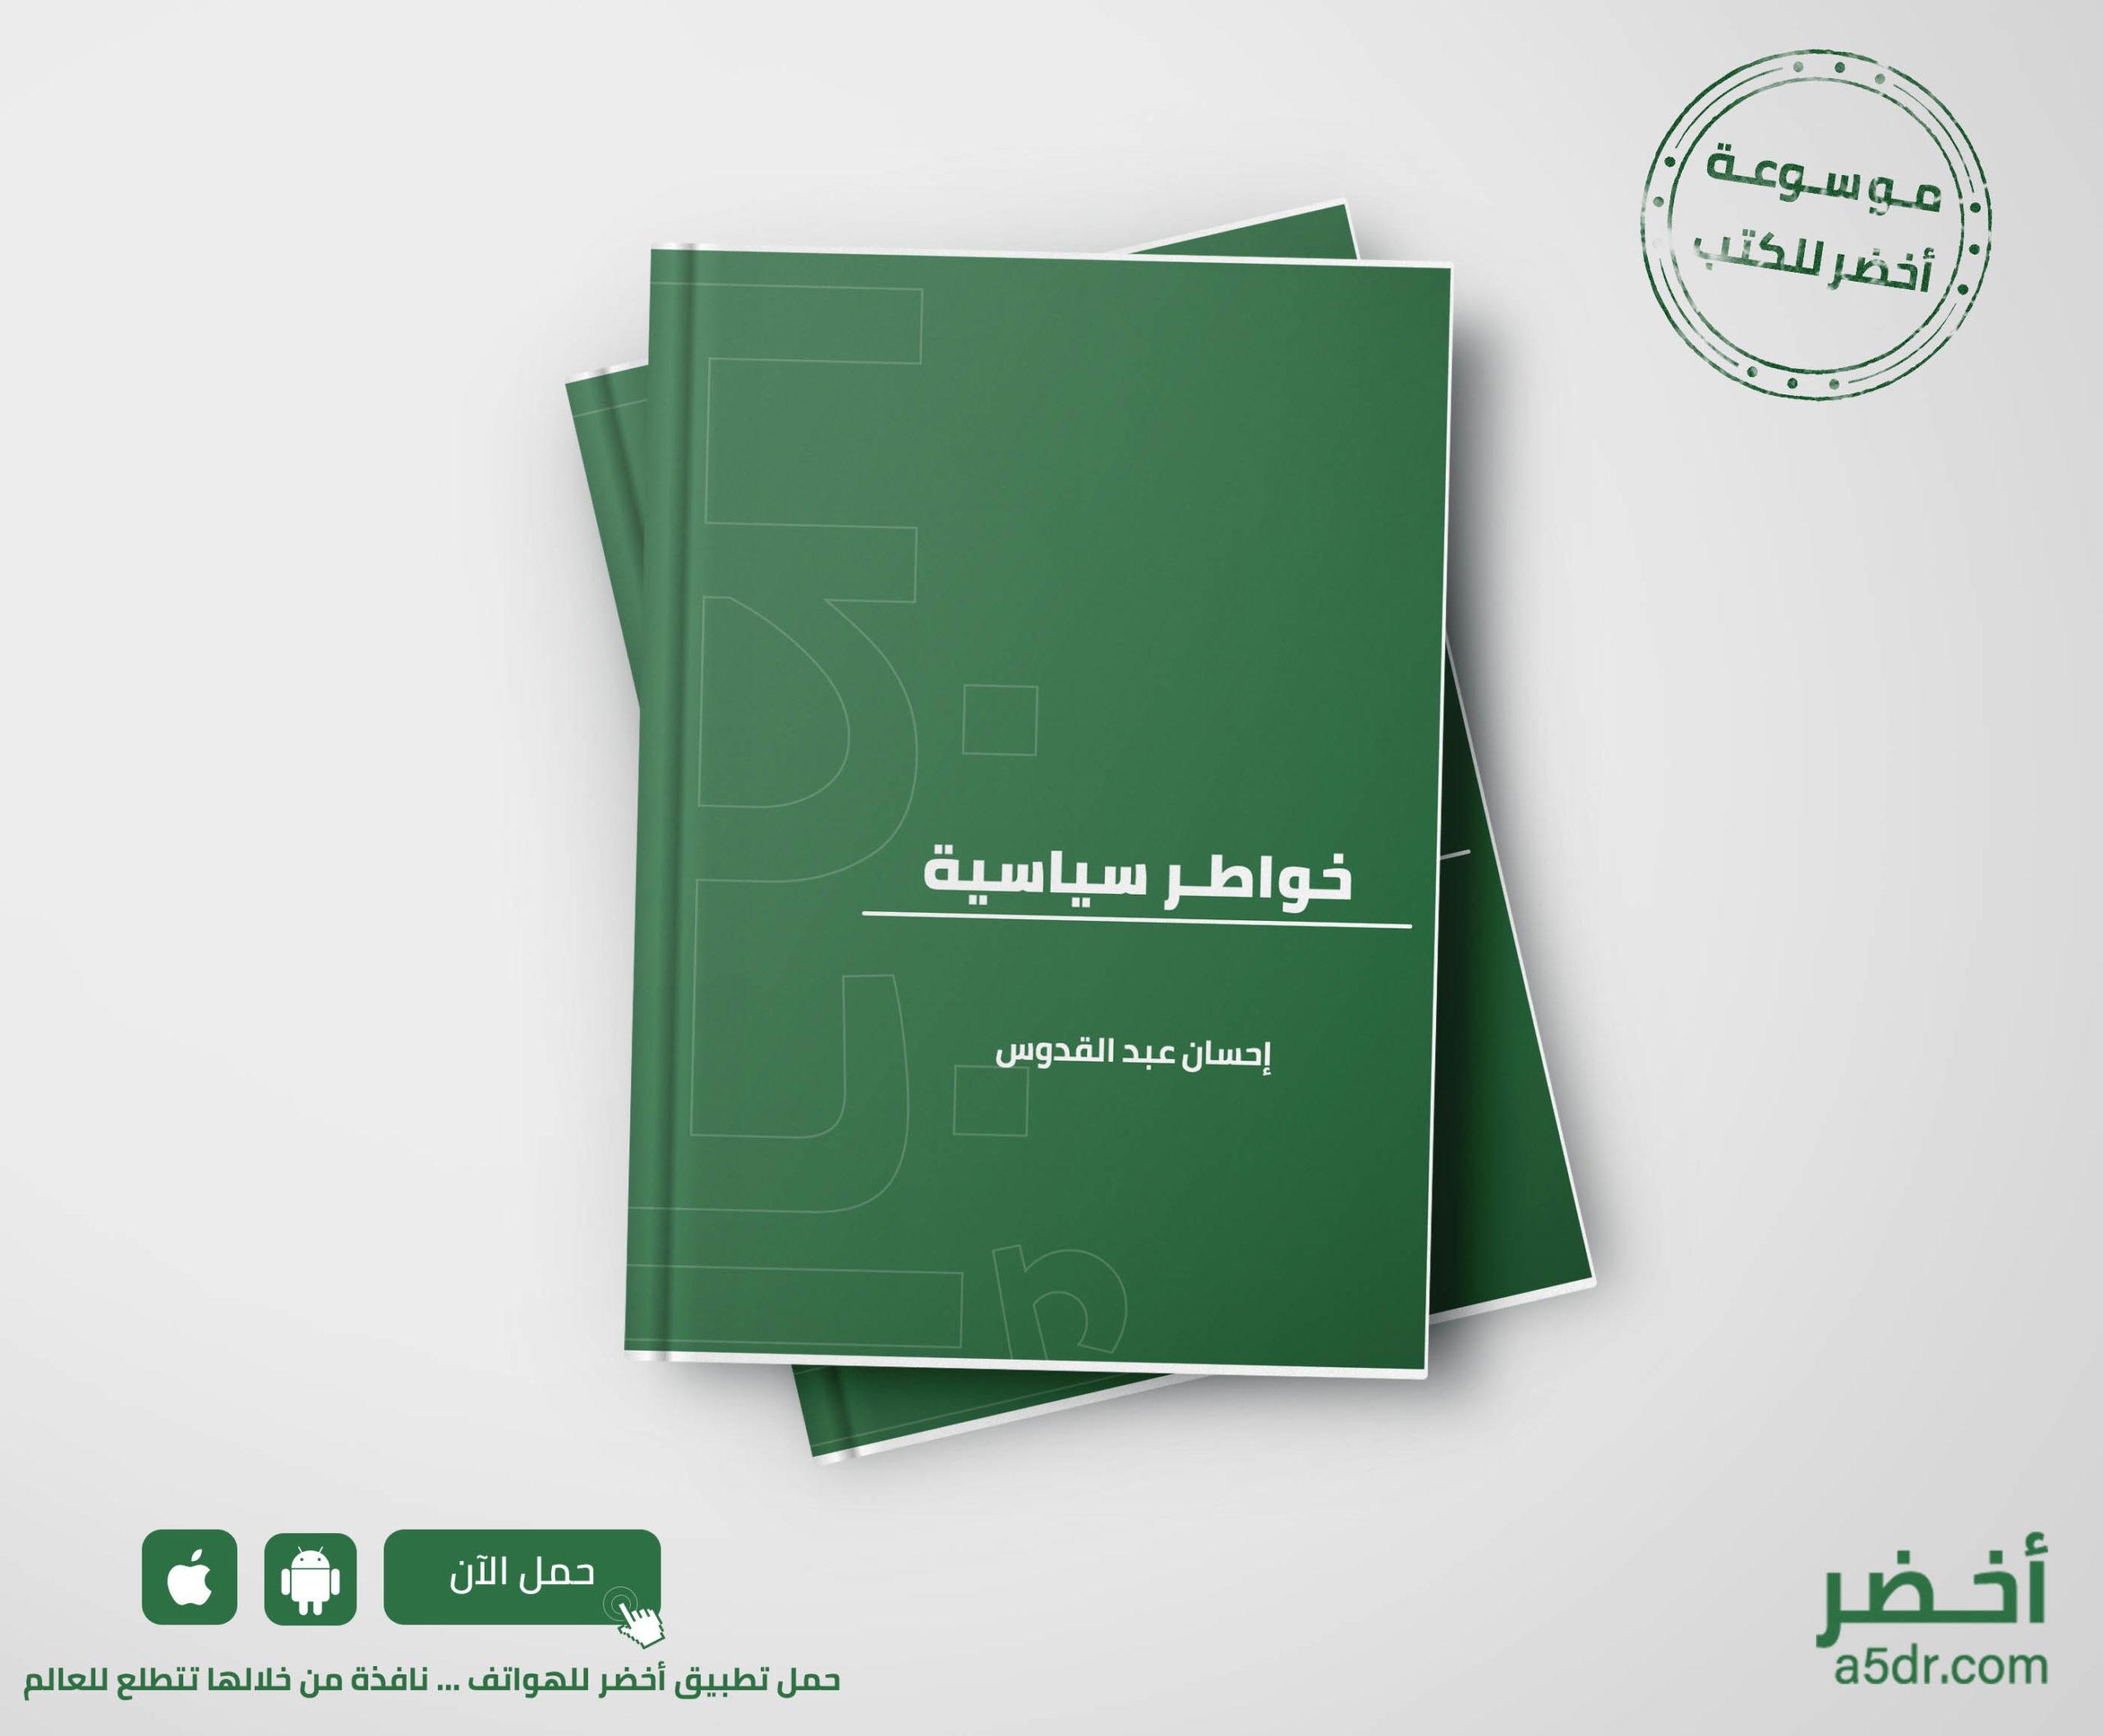 كتاب خواطر سياسية - إحسان عبد القدوس